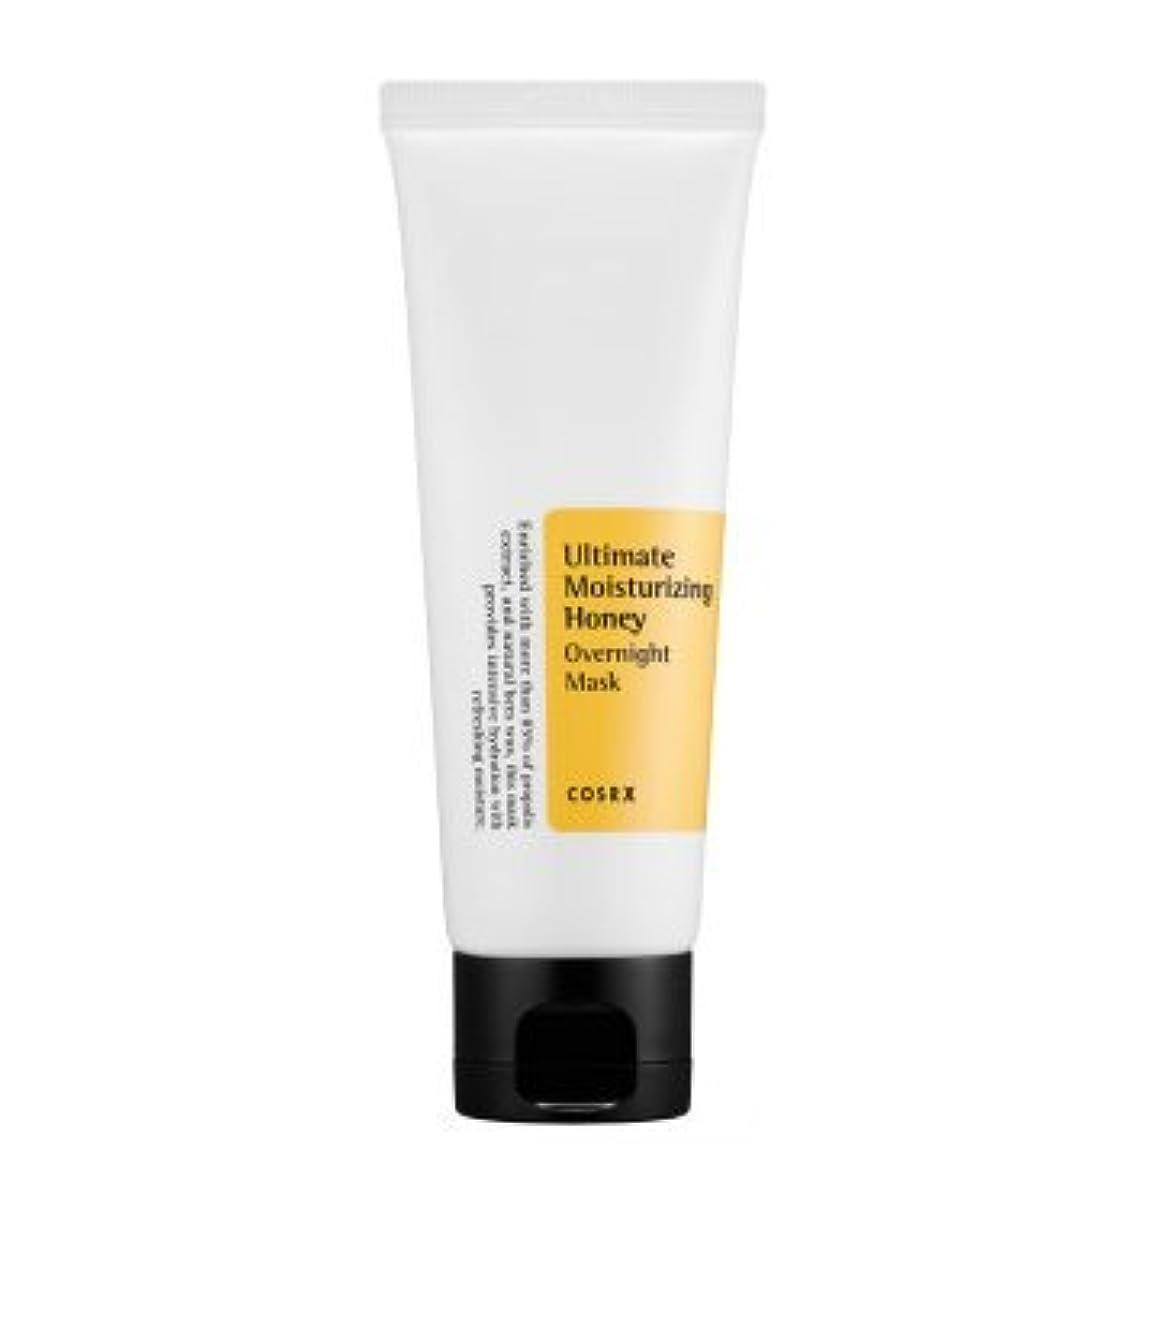 自発に賛成基準COSRX アルティメット モイスチャライジング ハニー オーバーナイト マスク チューブタイプ(60ml) リニューアル / Ultimate Moisturizing Honey Overnight Mask [並行輸入品]